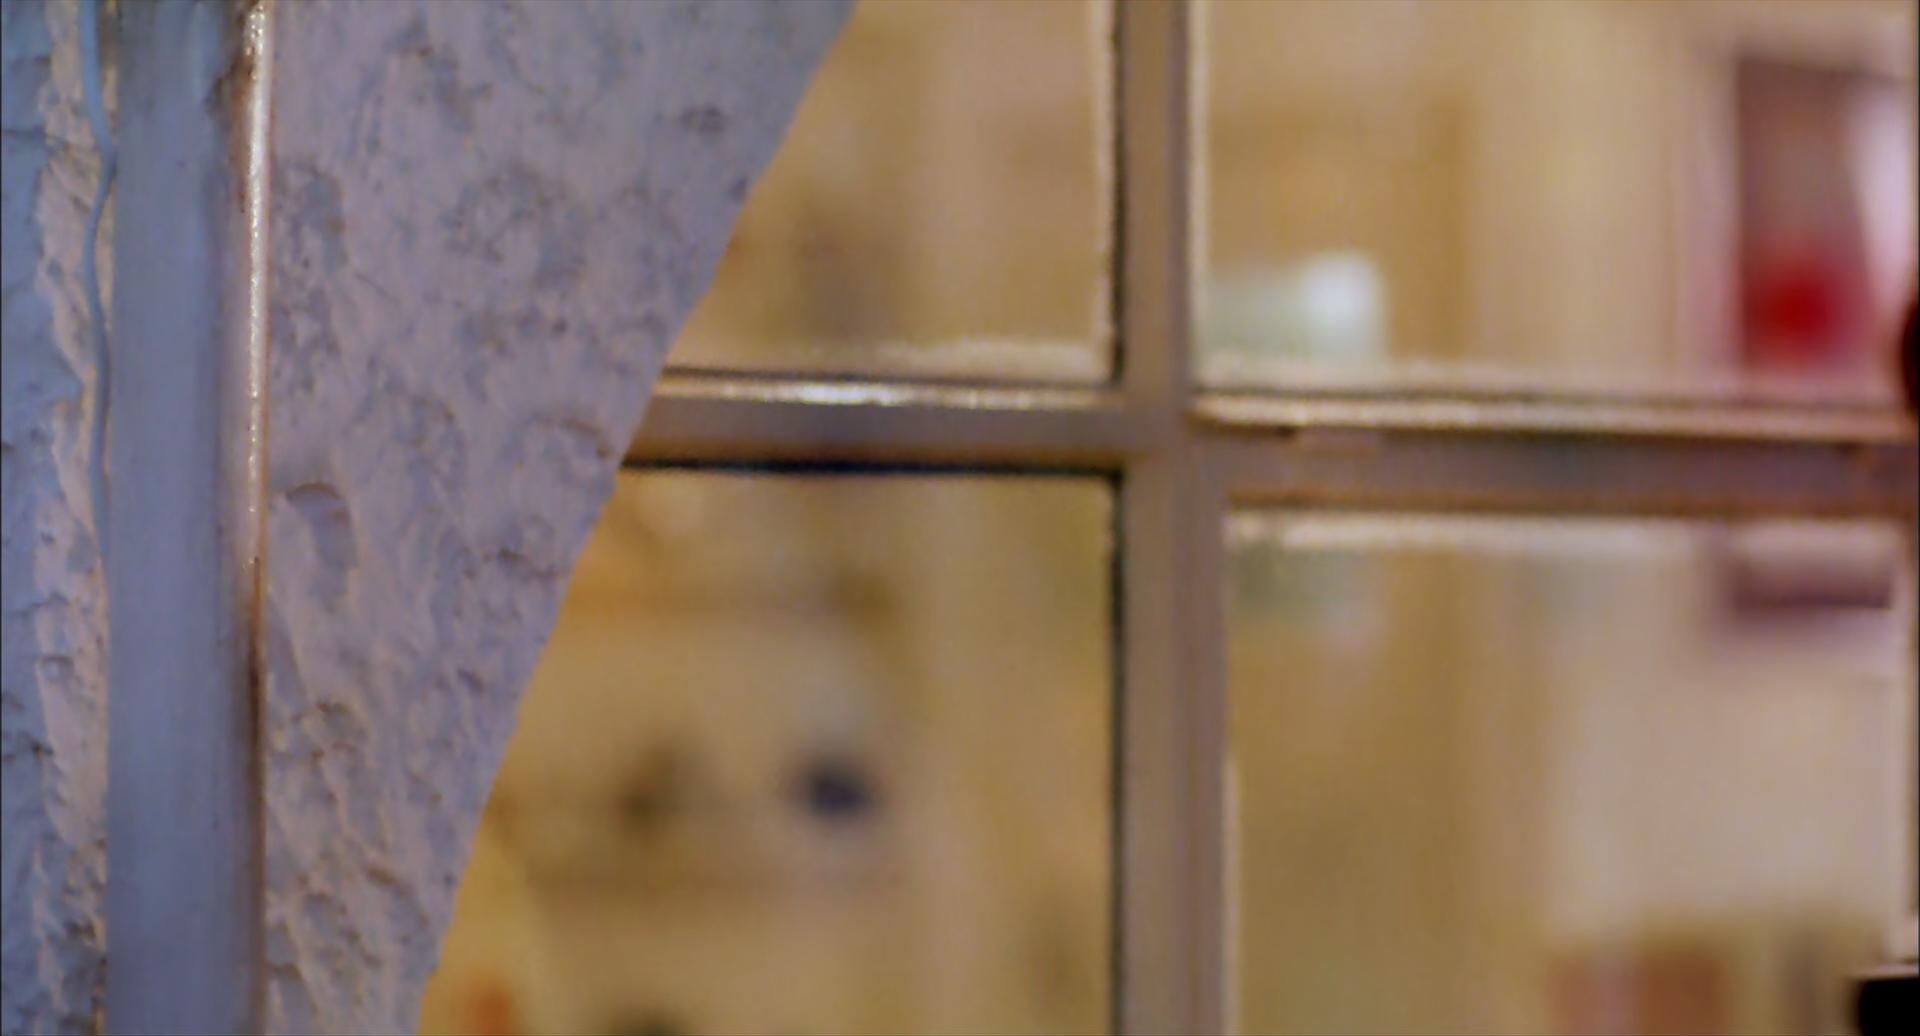 悠悠MP4_MP4电影下载_[君子好逑][BD-MKV/7.53GB][中文字幕][1080P][H265编码][林青霞,谭咏麟,香港电影,香港,爱情,林岭东,喜剧]